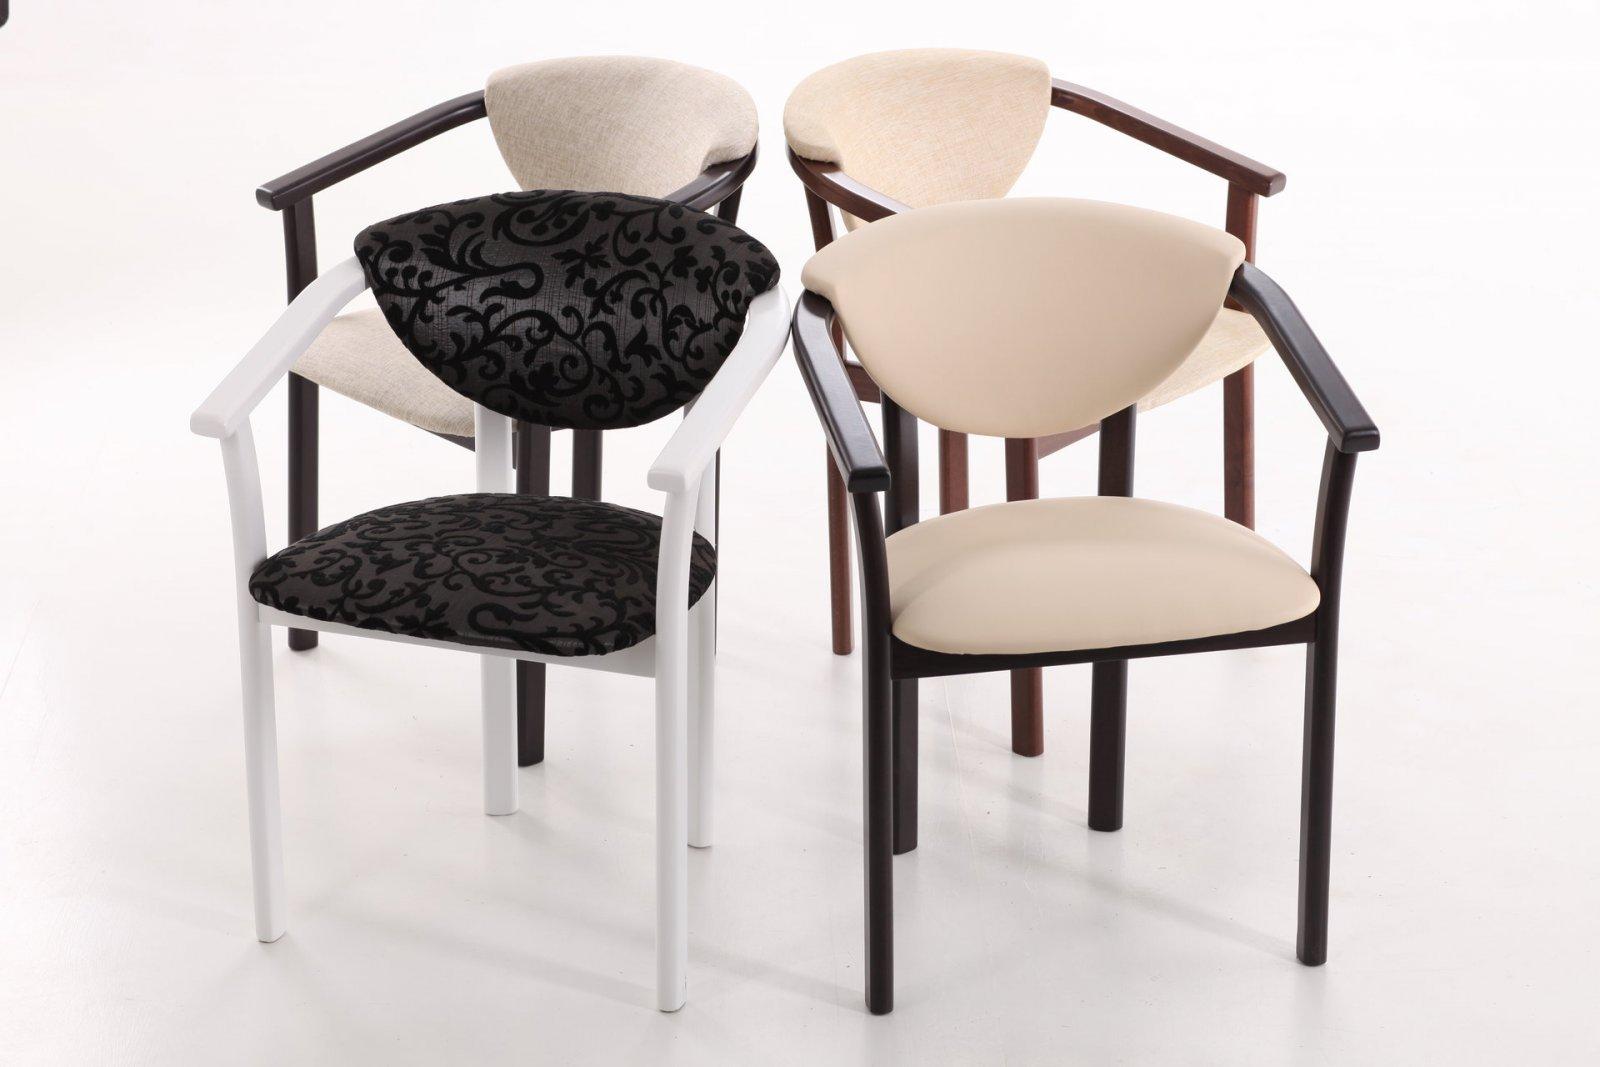 Фото стульев для кухни - Мебель на заказ в Москве